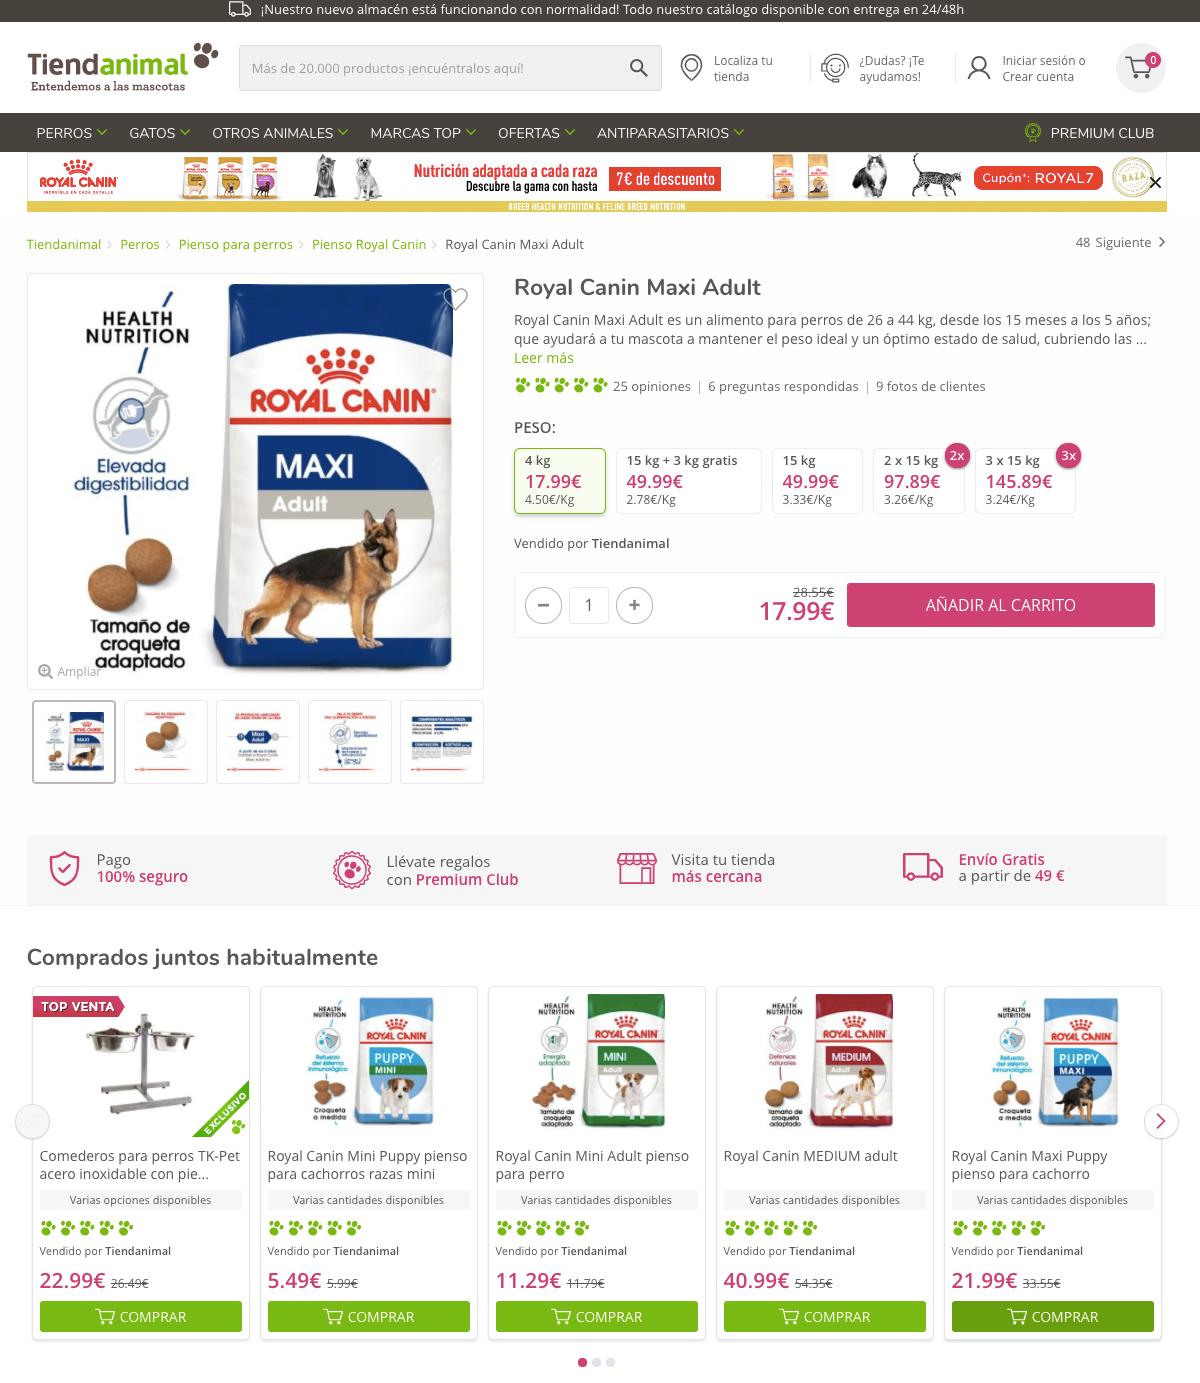 Tiendanimal ejemplo de eCommerce con una buema estrategia de contenido